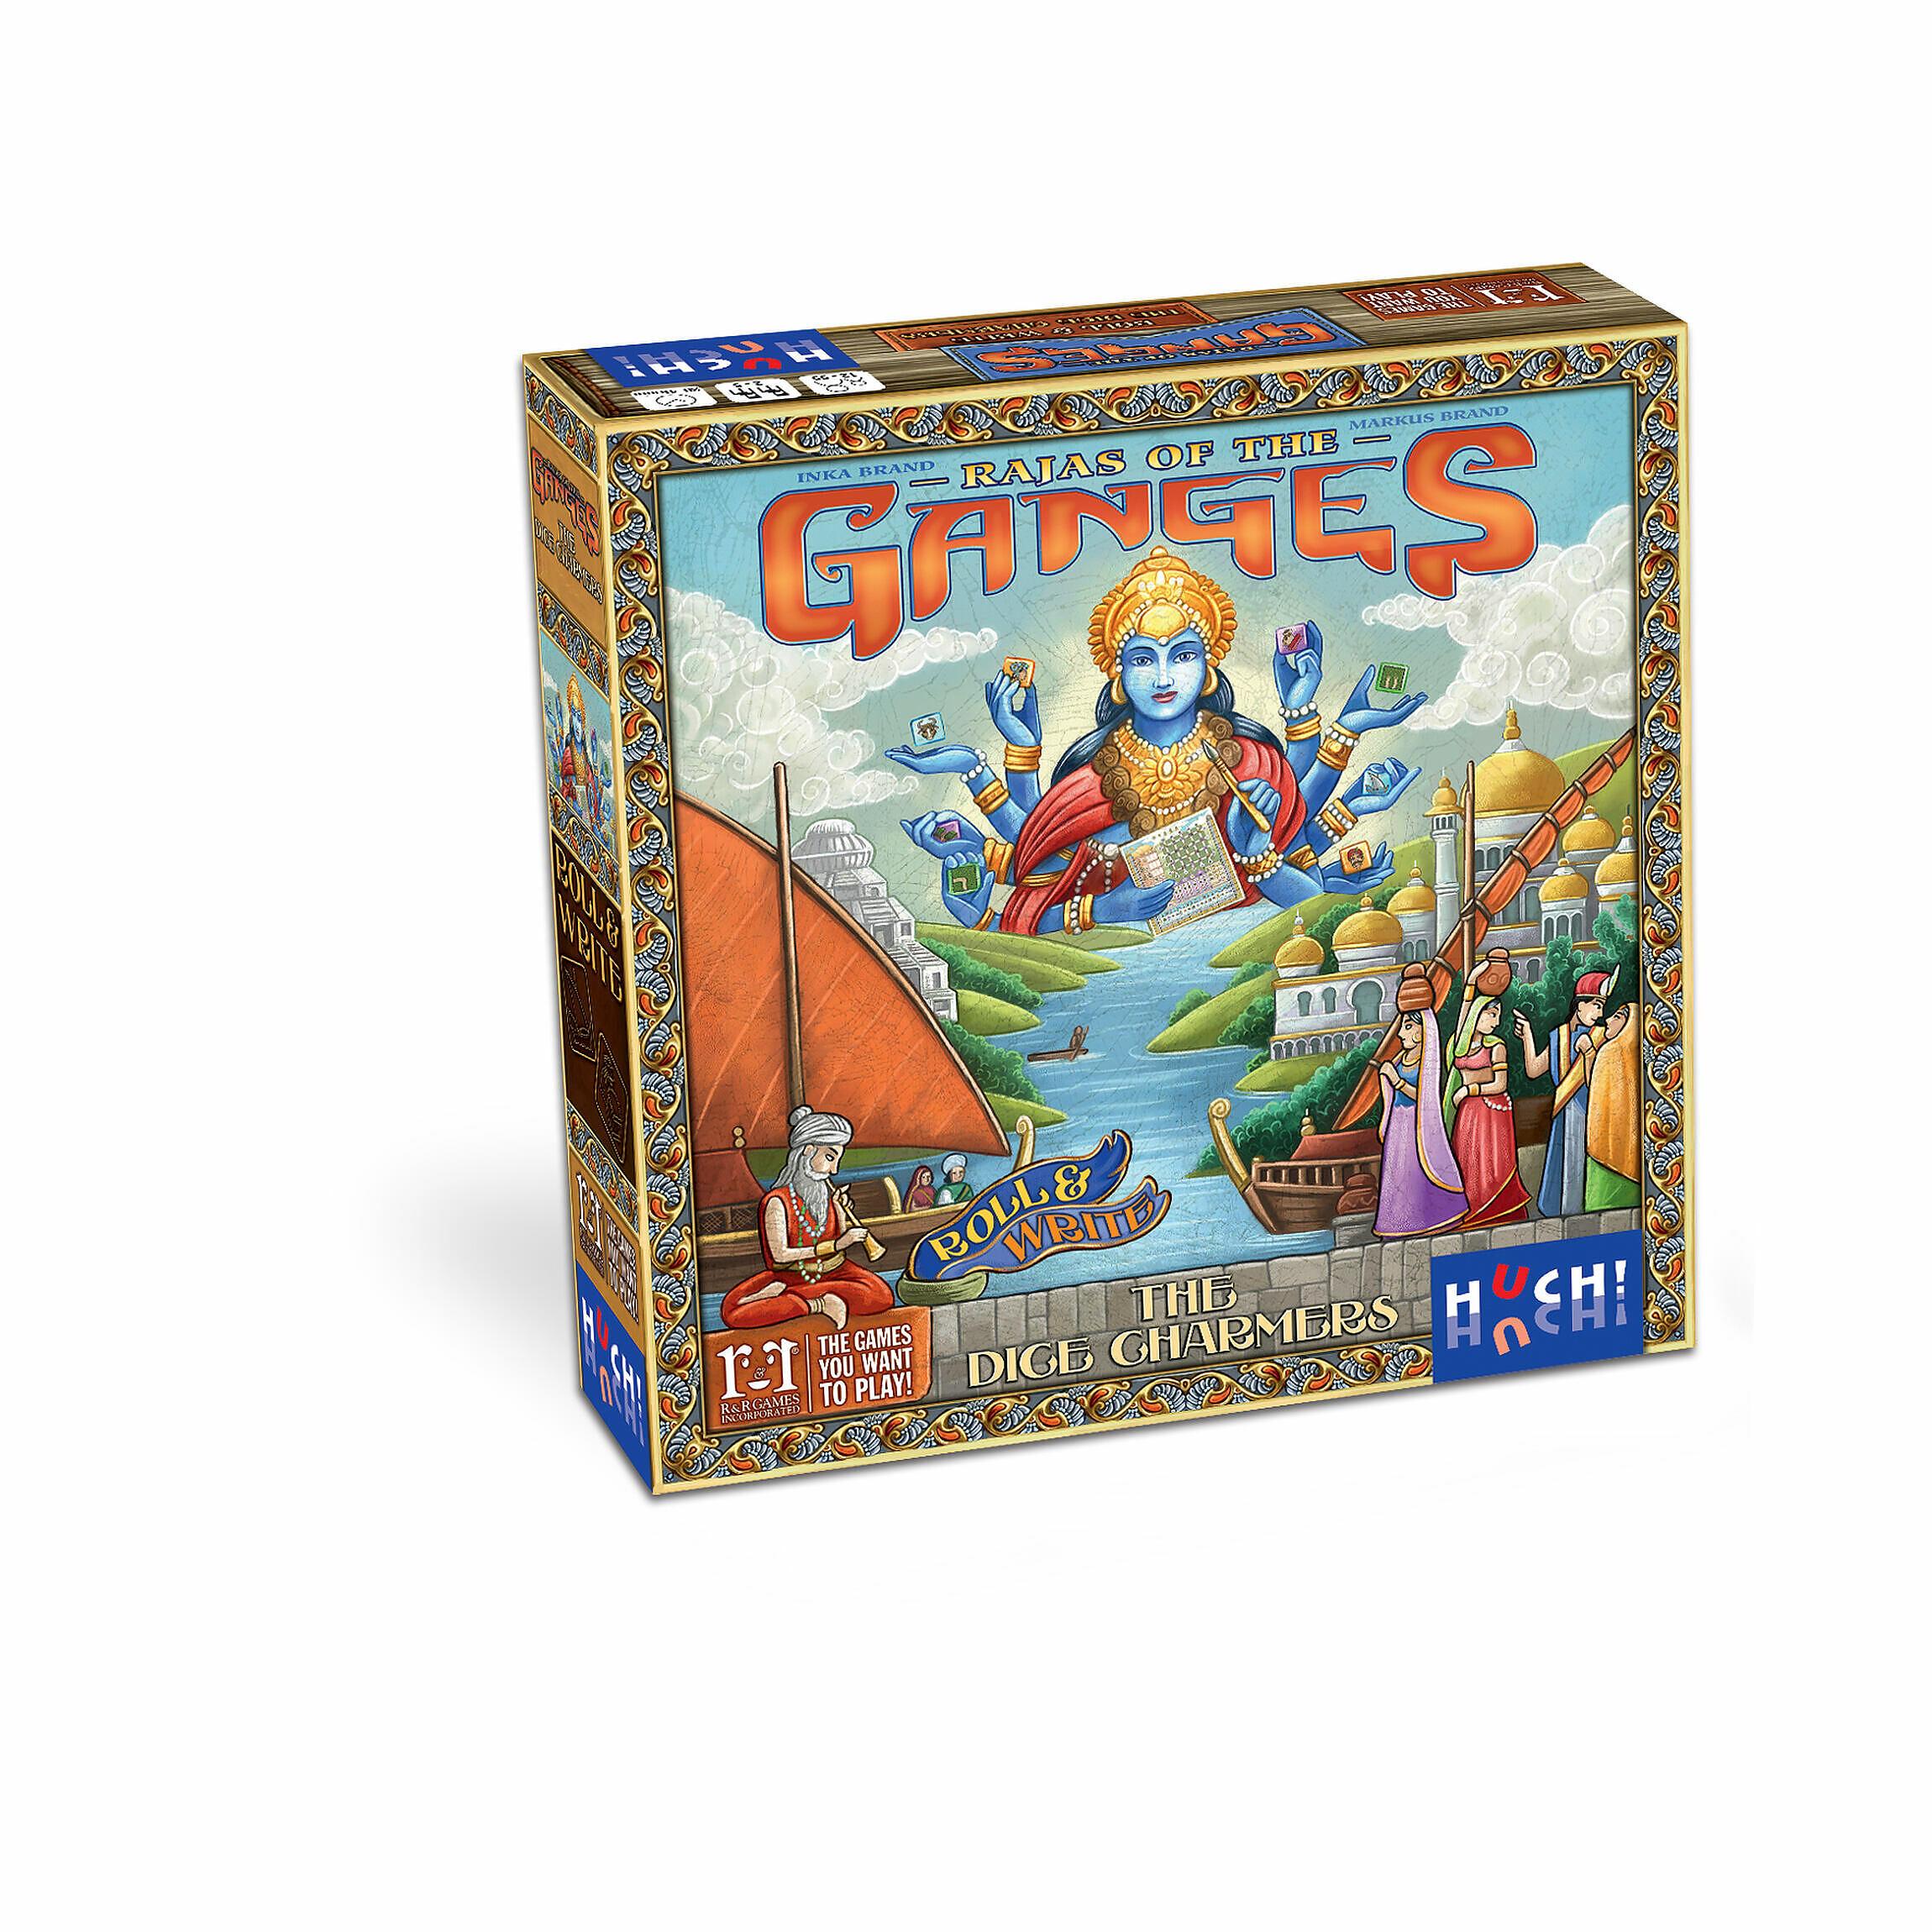 Rajas Of The Ganges The Dice Charmers De Weitere Von A Z Familienspiele Gesellschaftsspiele Fantasy In